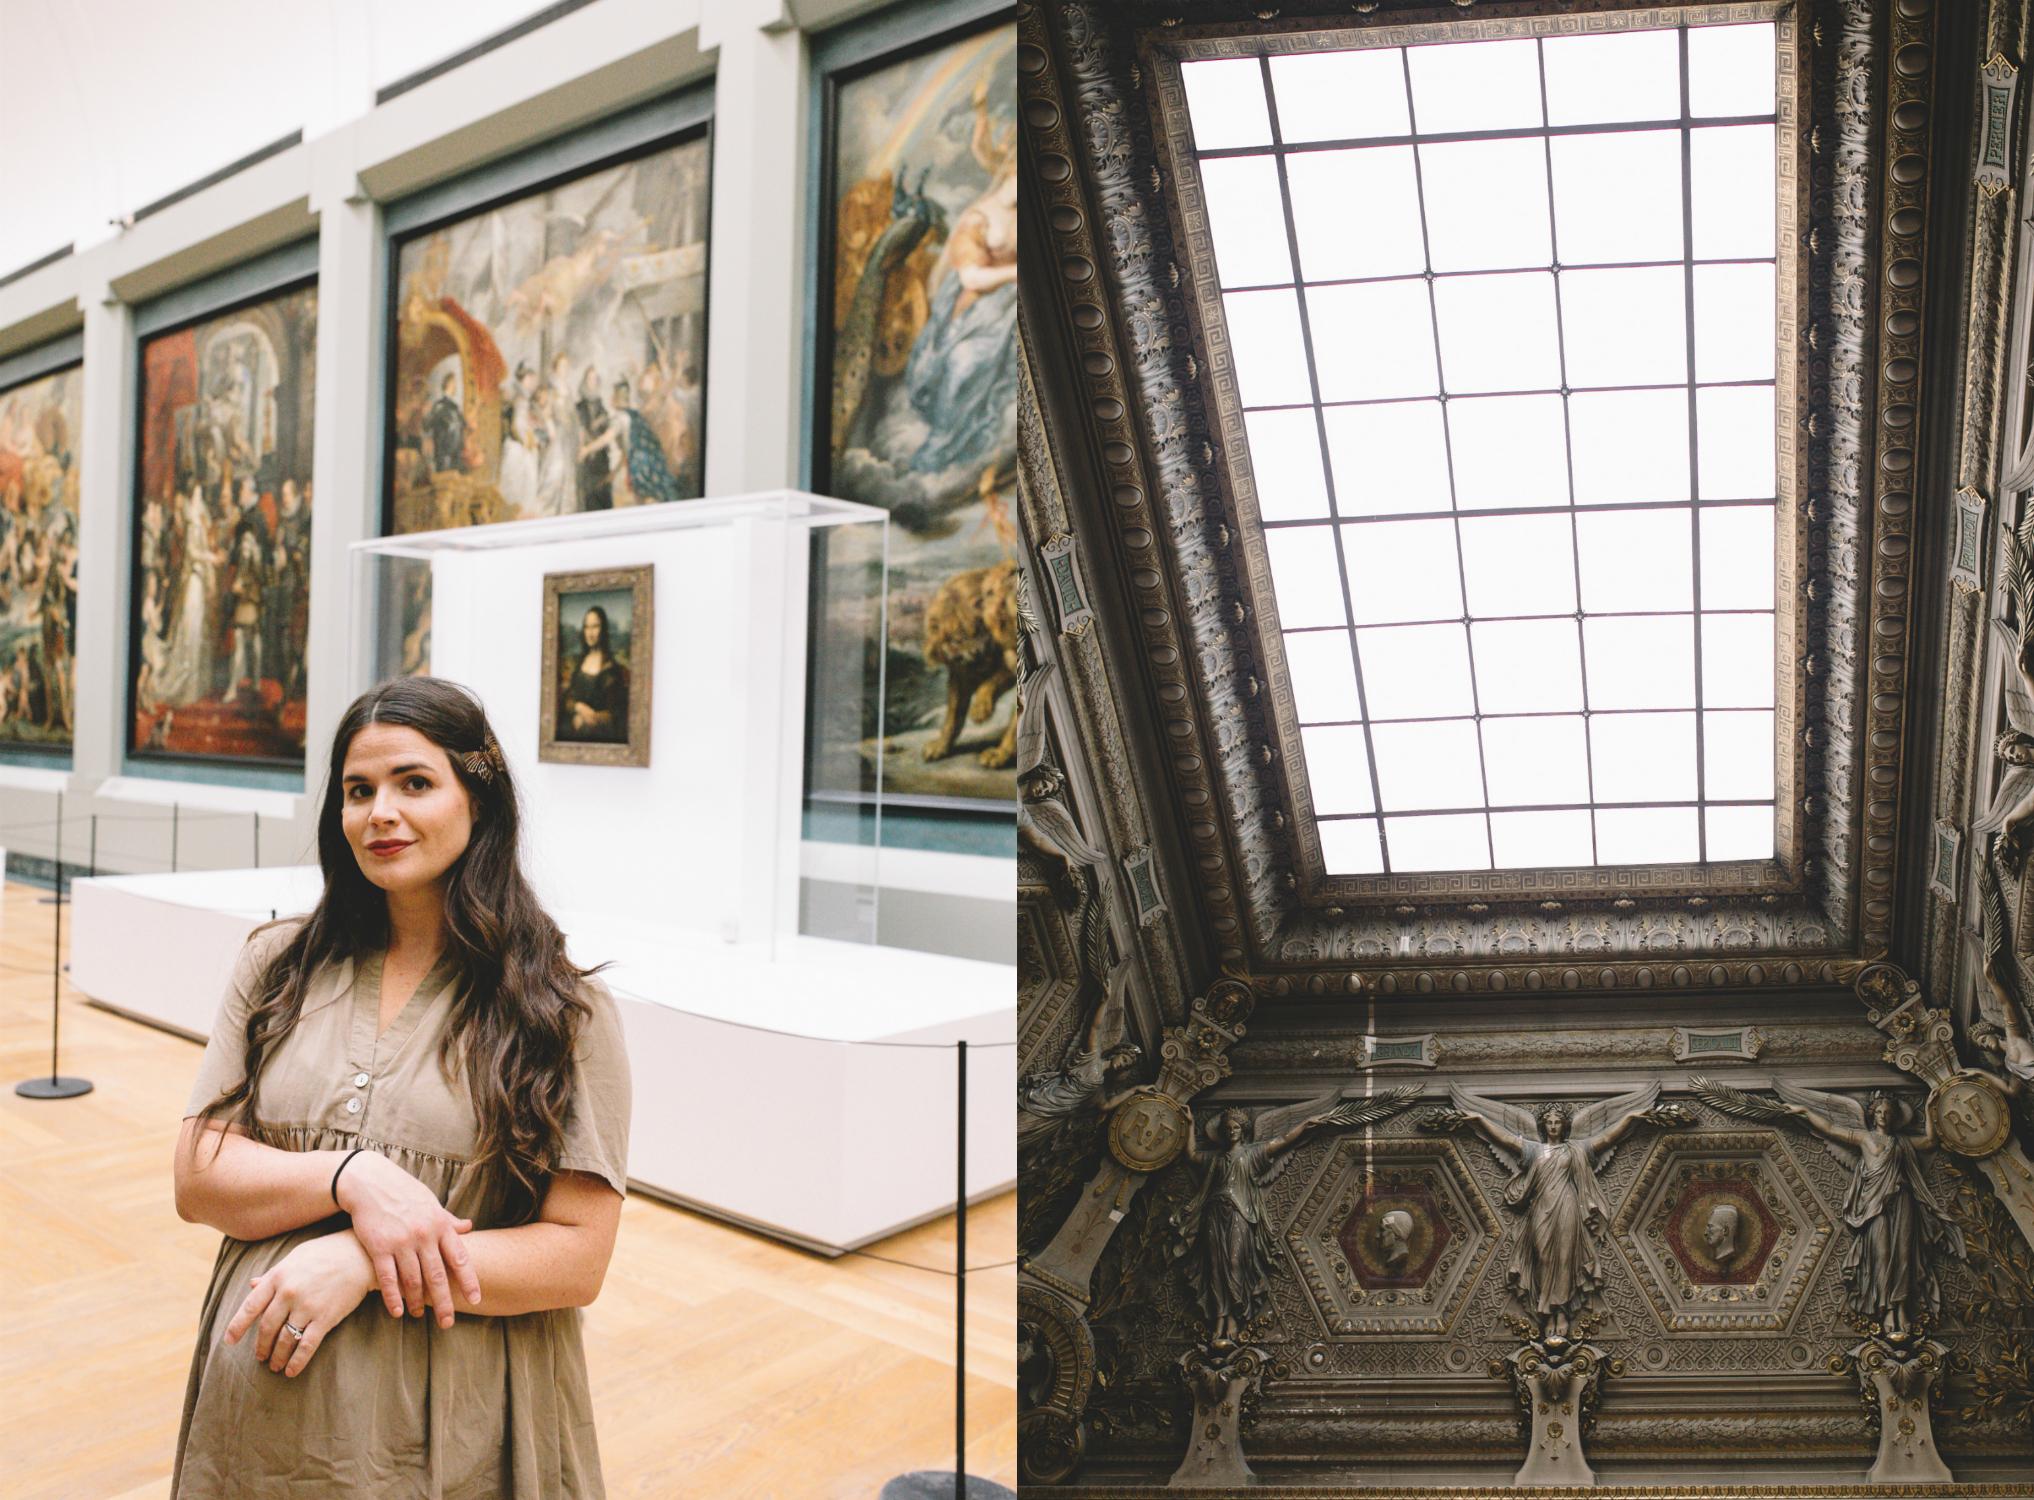 Mona Lisa Louvre.jpg